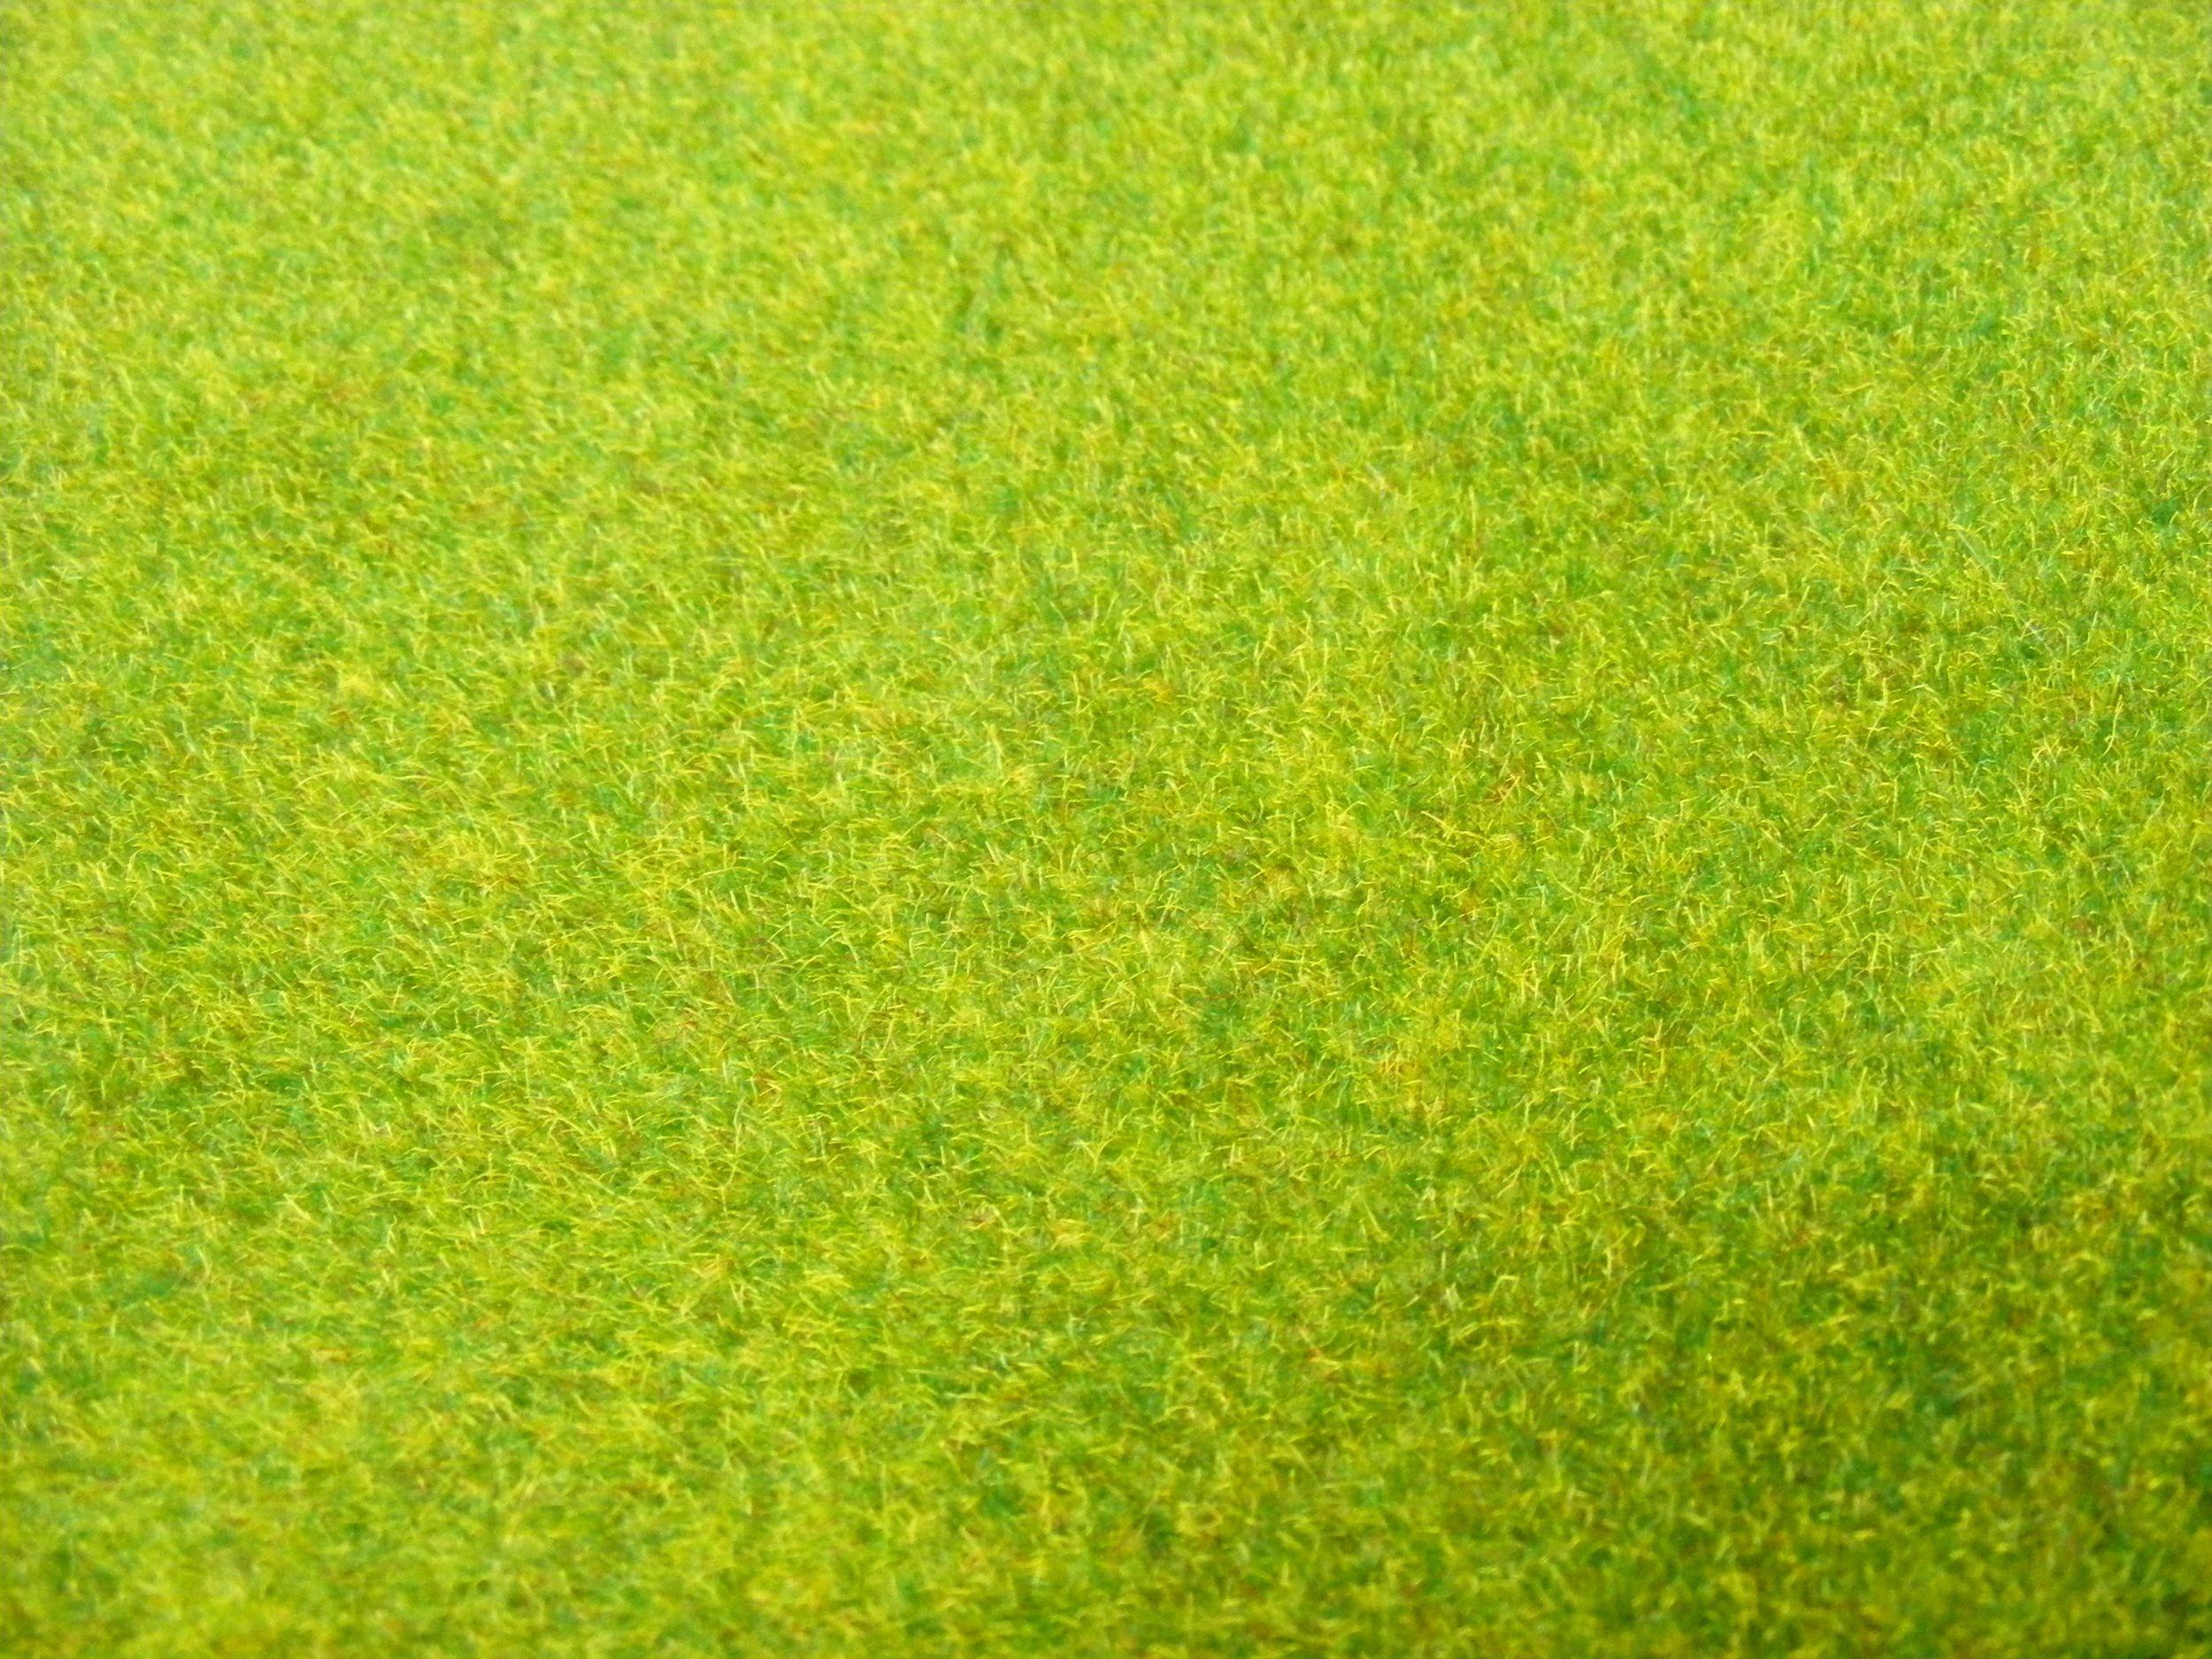 /var/www/html/wp-content/uploads/2018/09/38058601-grass-texture